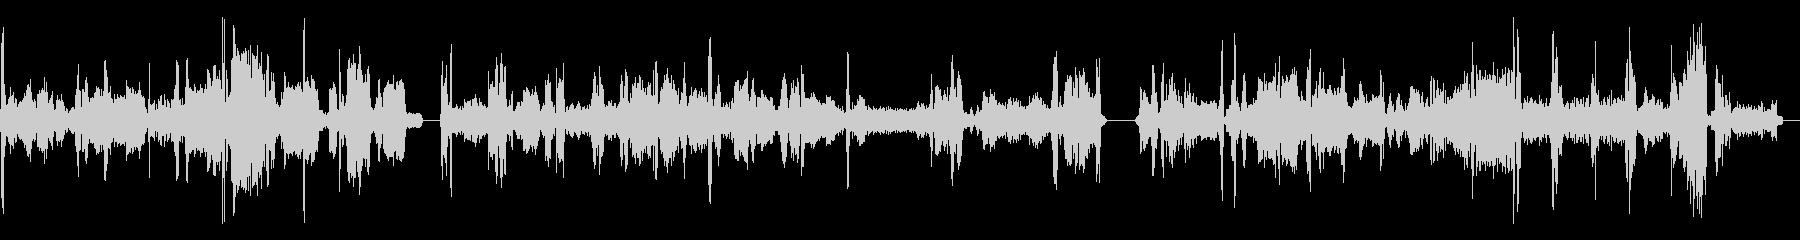 ラジオチューナーFM、チューニングx3の未再生の波形